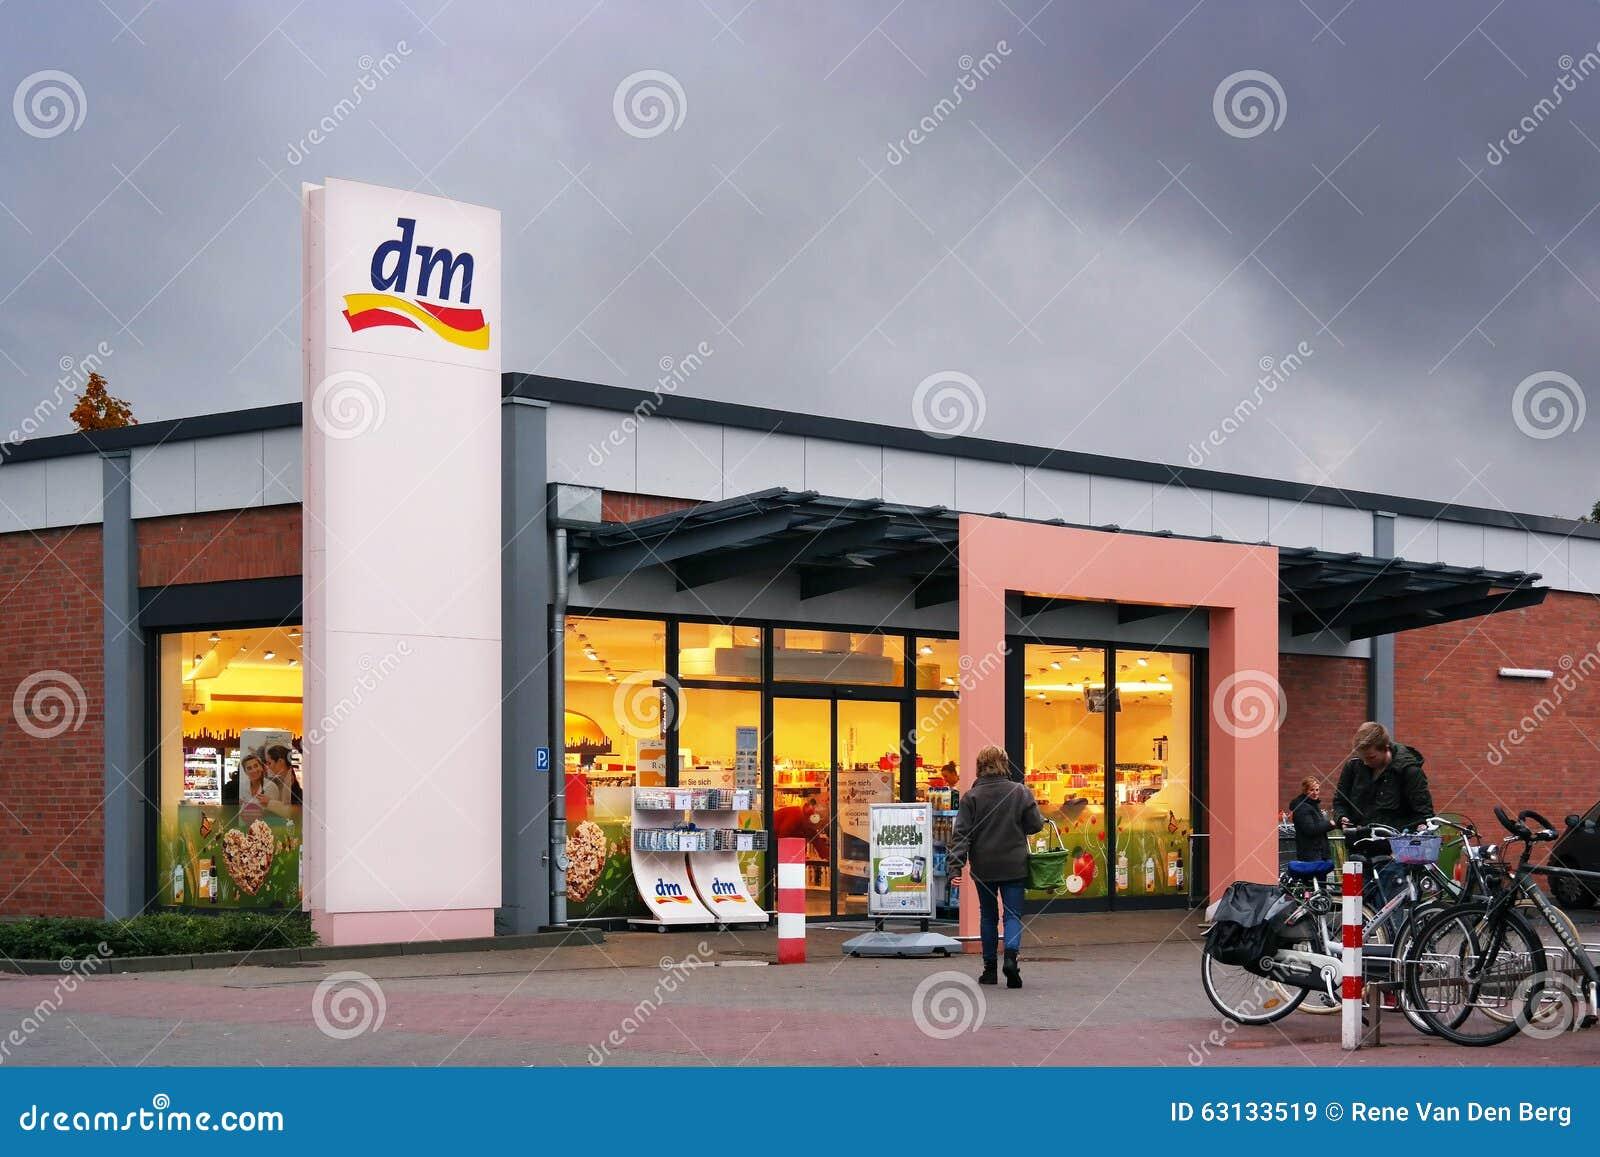 magasin du markt dm drogerie image stock ditorial image 63133519. Black Bedroom Furniture Sets. Home Design Ideas